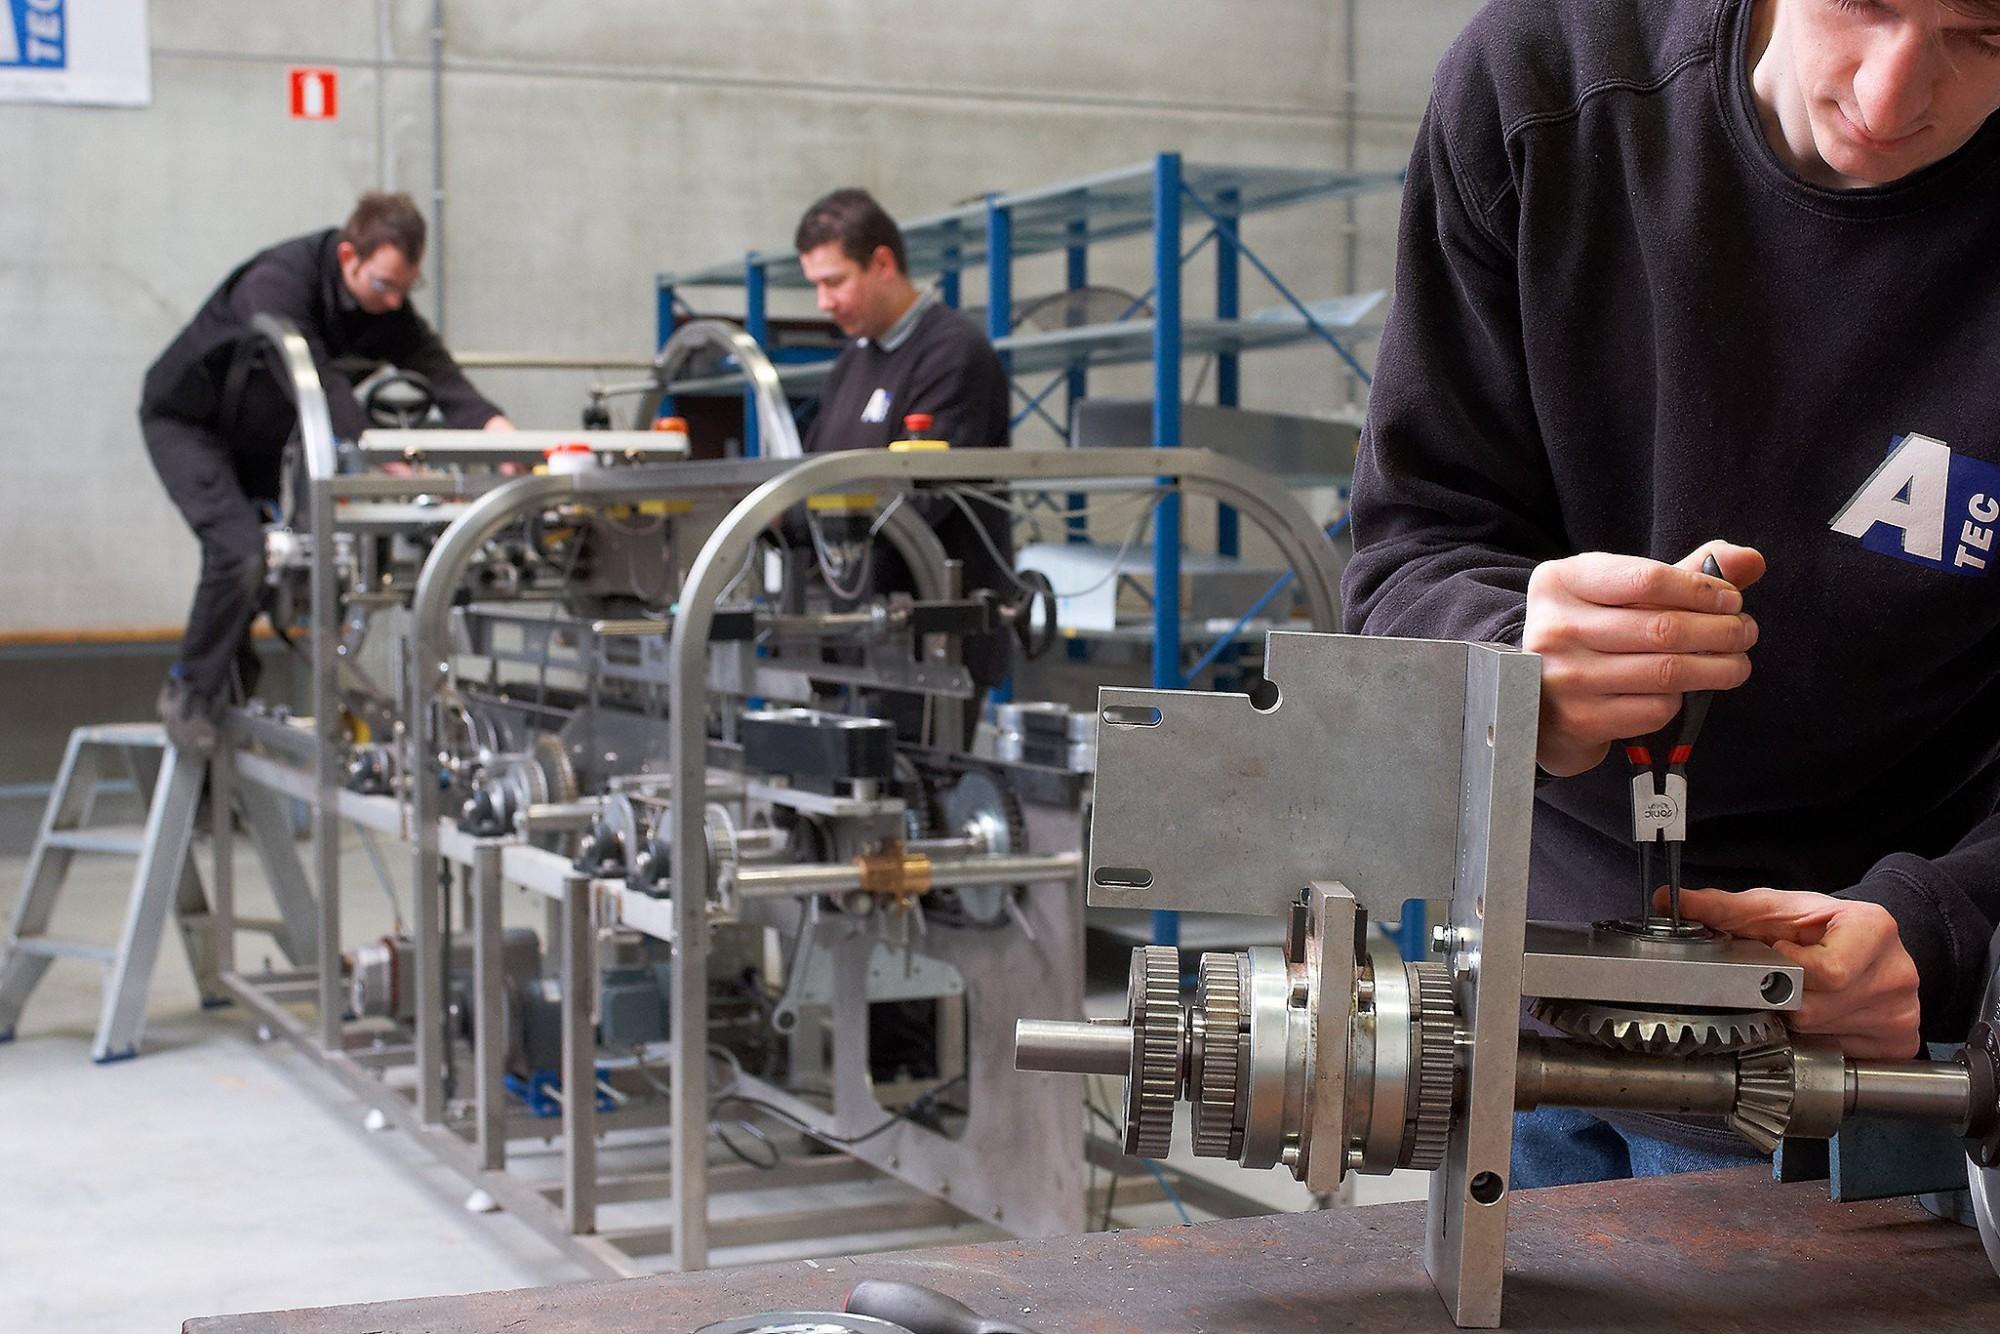 Afbeelding: Bedrijfsreportage fotografie van A tec, montage van een inpakmachine in atelier.